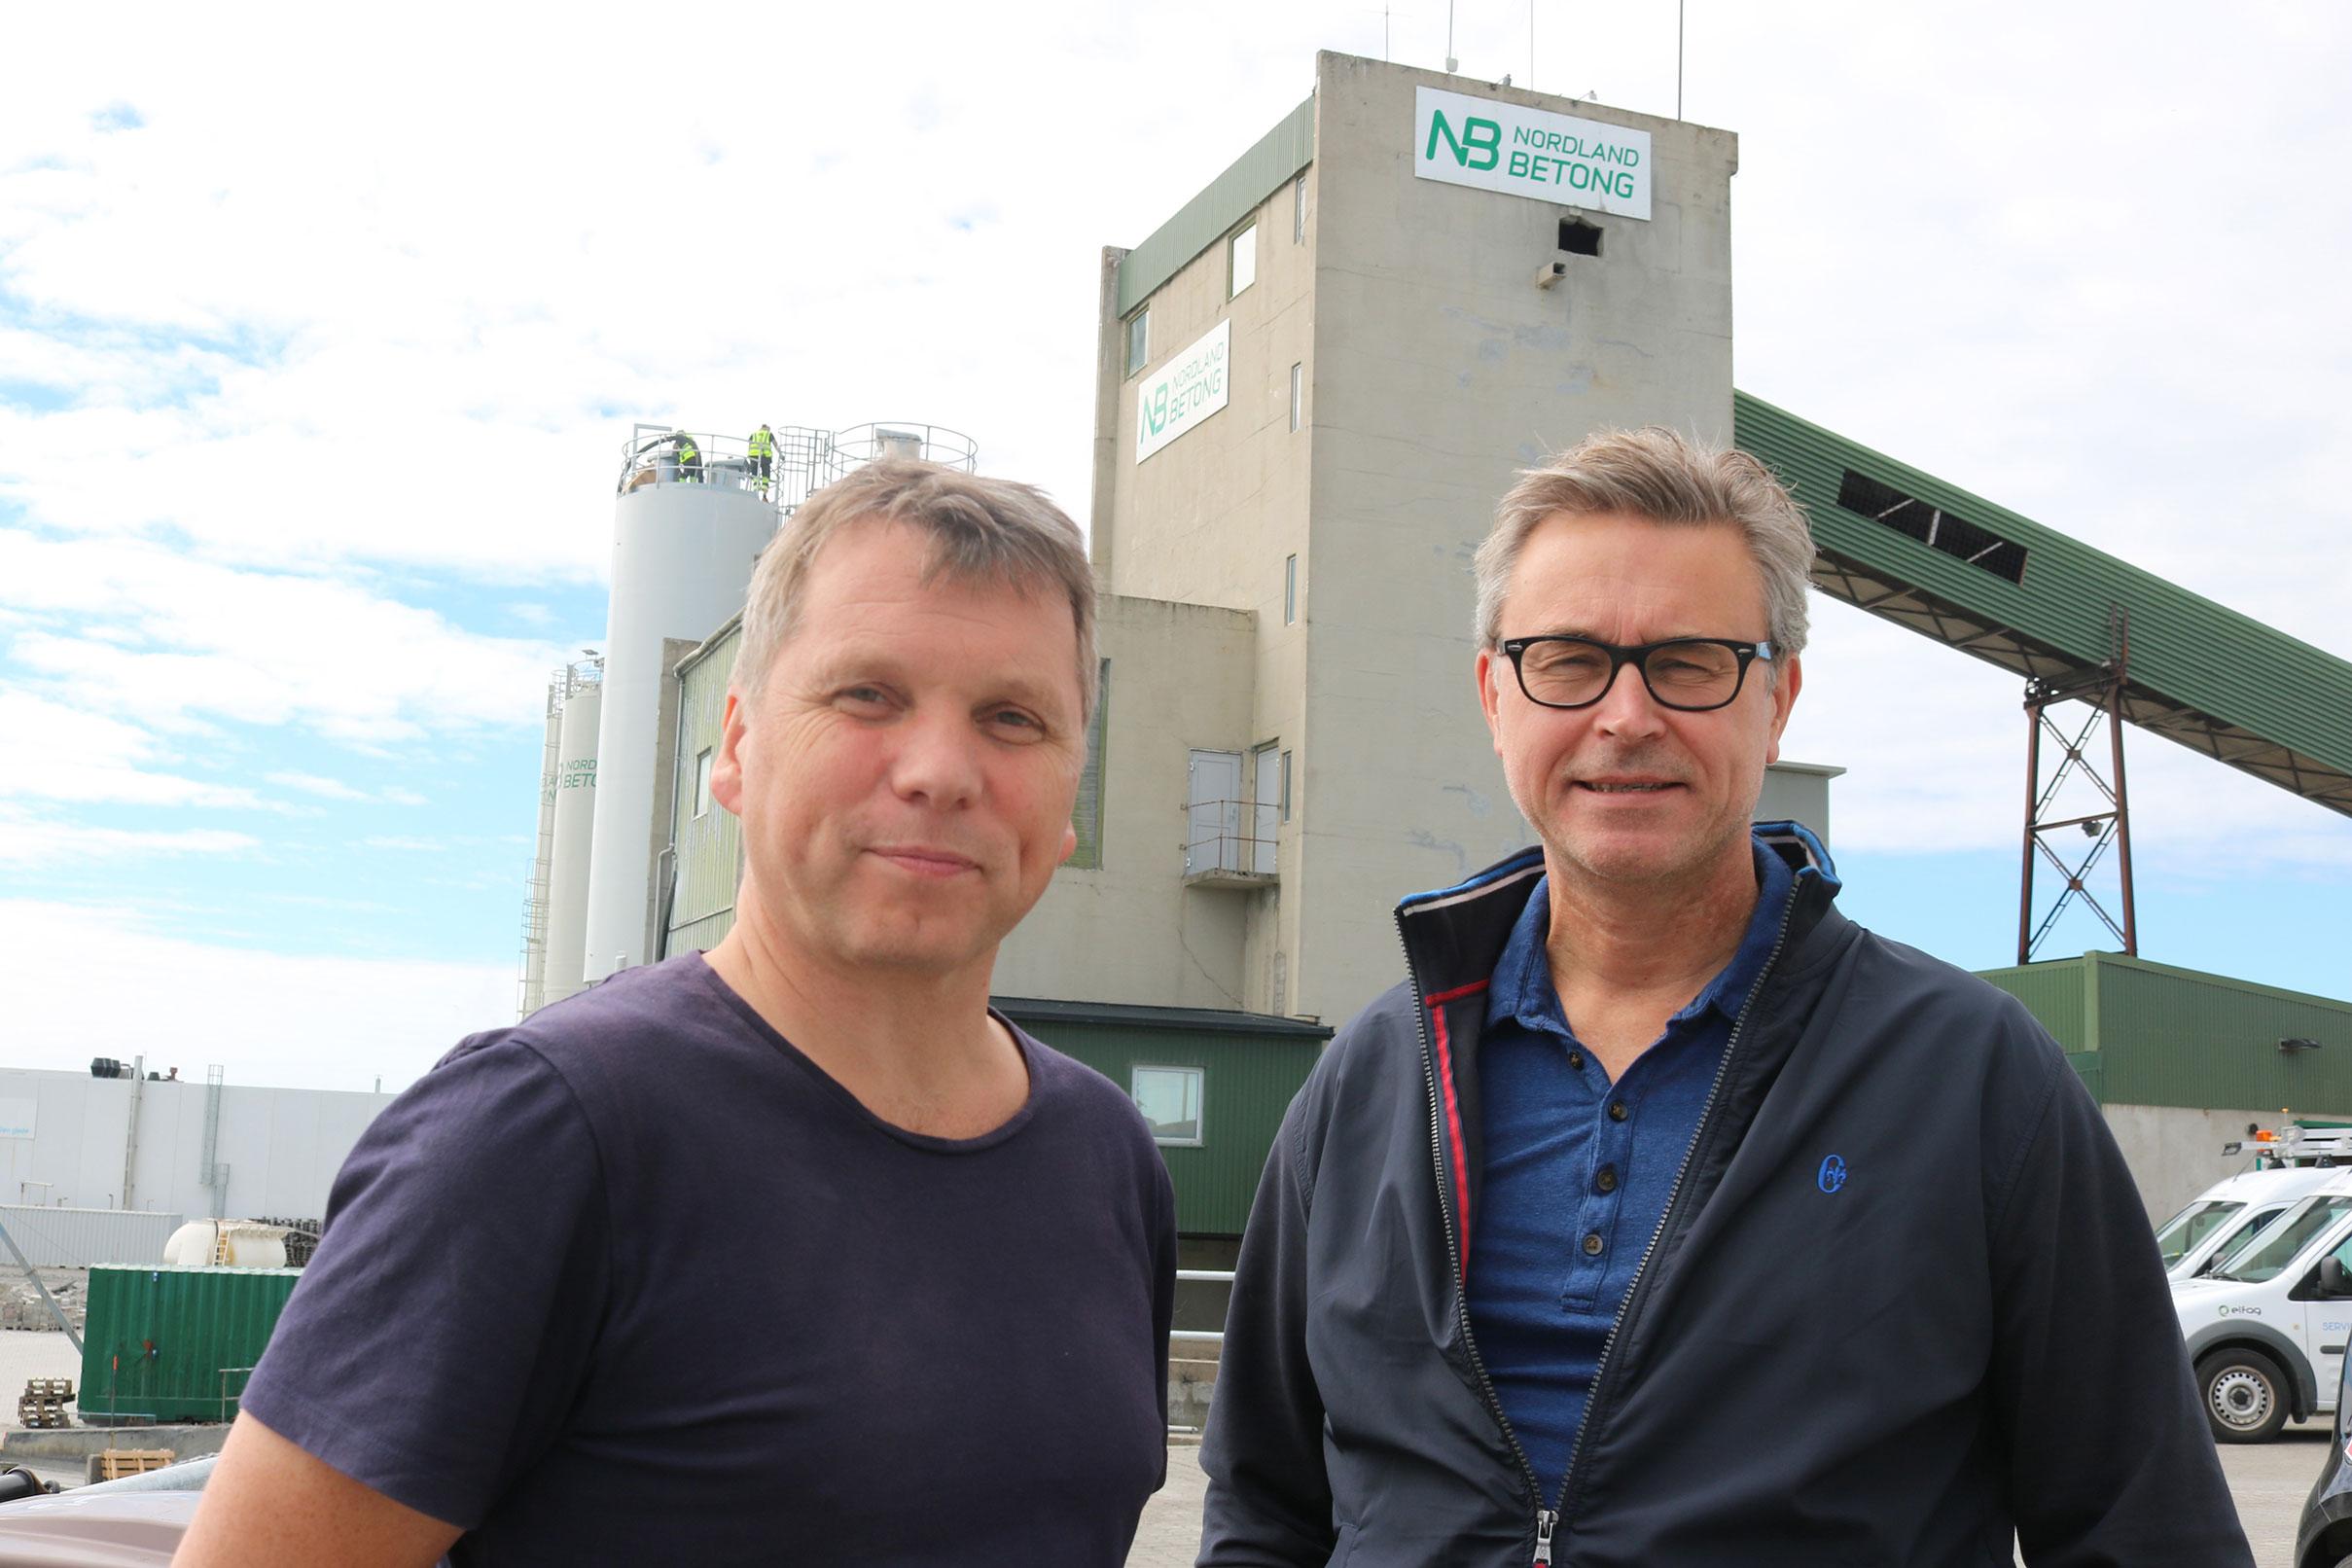 dfcaf66f -Nordland Betong med arbeidsplasser og verdiskapning til Meløy kommune